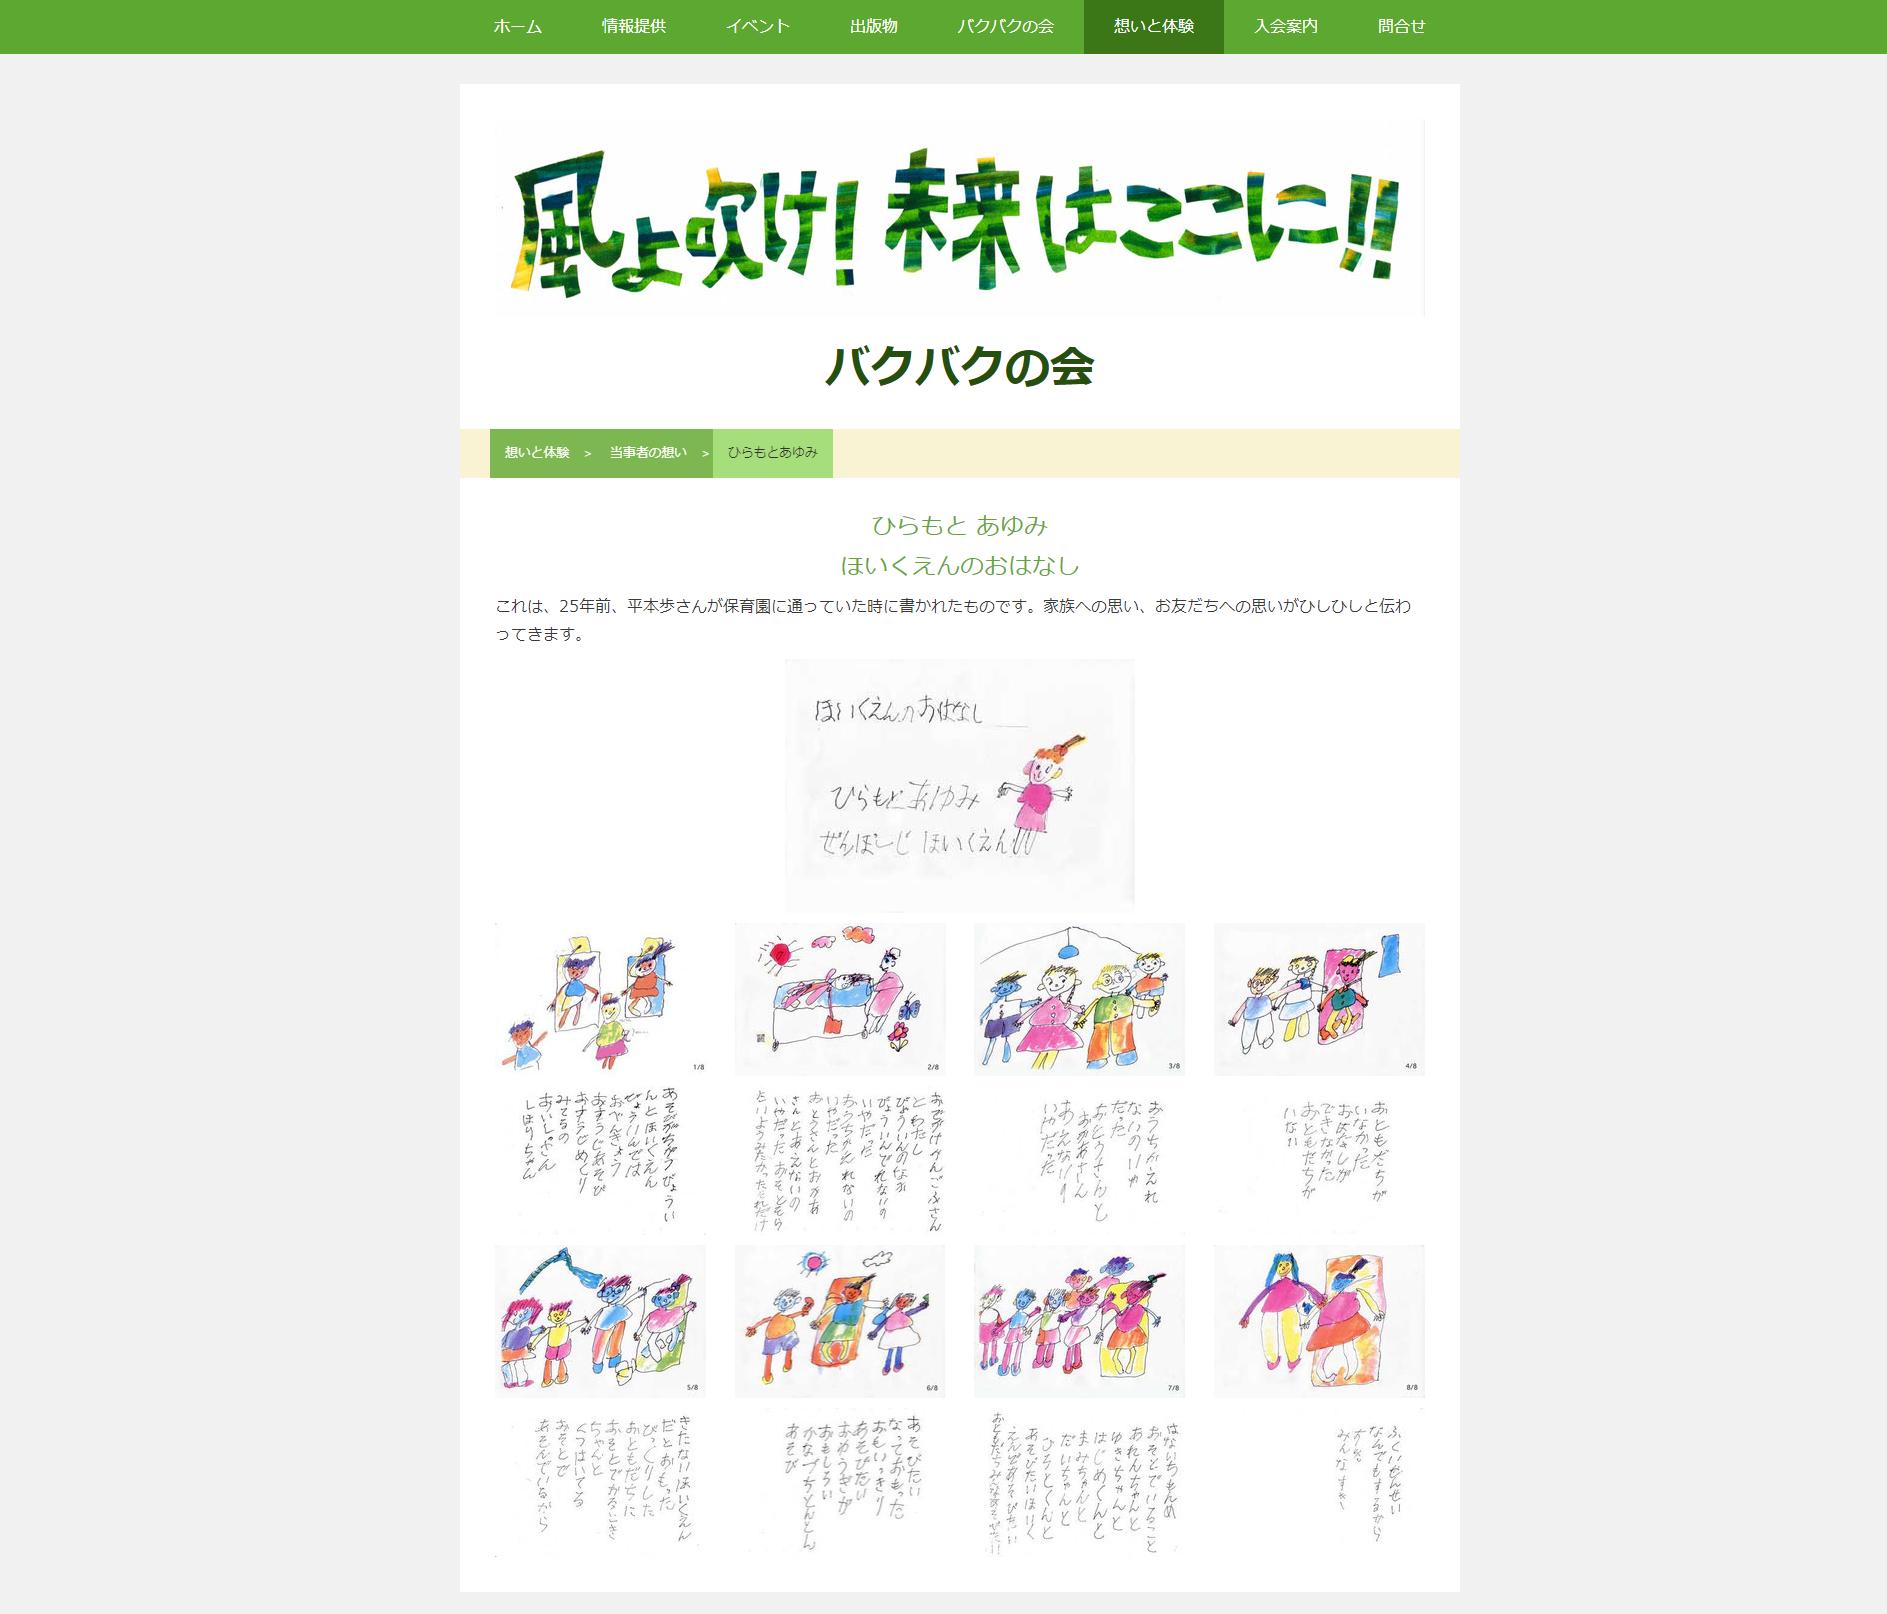 ひらもと あゆみ さんの絵日記